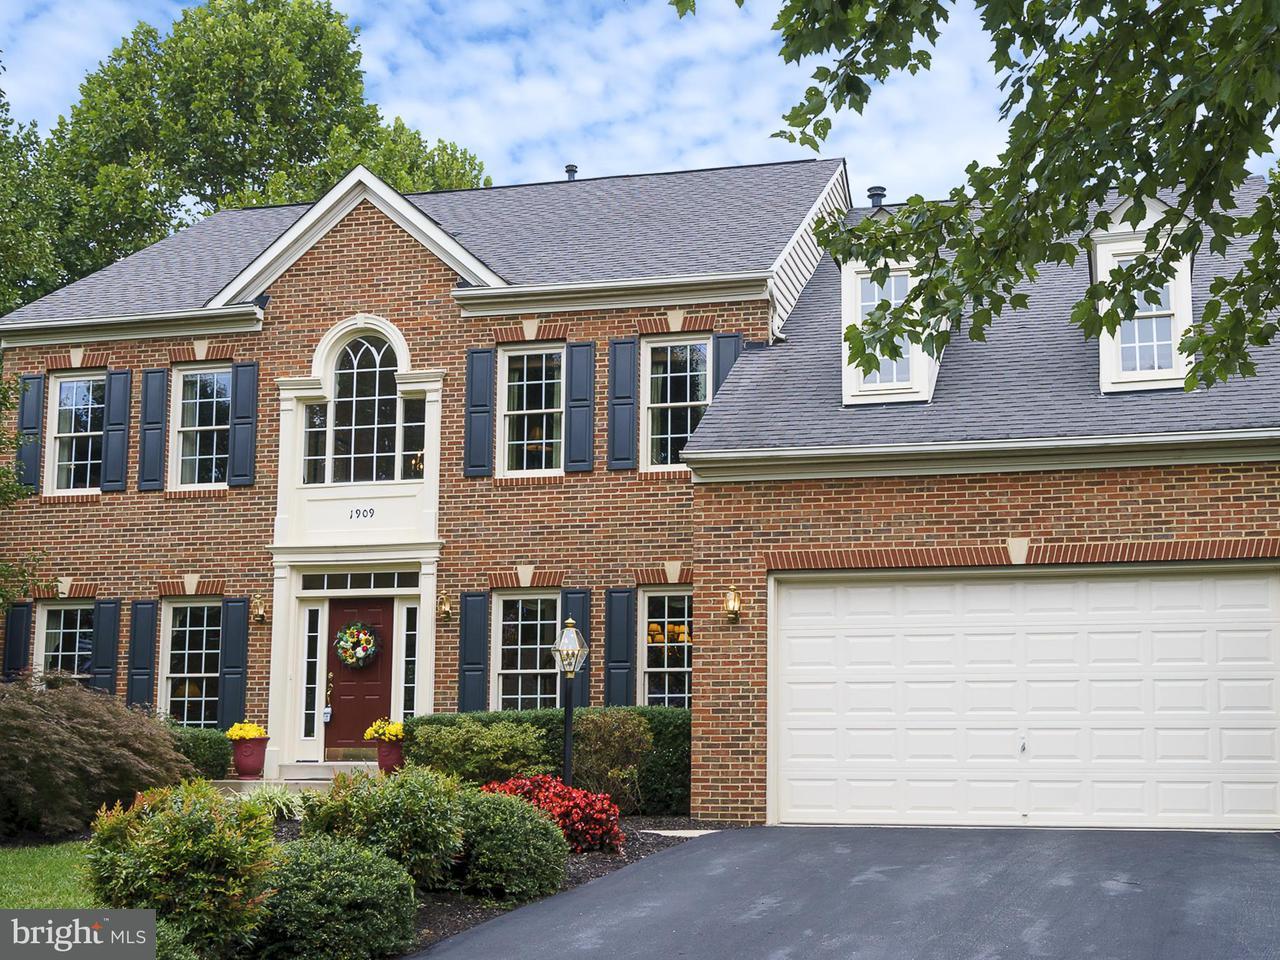 Vivienda unifamiliar por un Venta en 1909 DOYLE Drive 1909 DOYLE Drive Woodstock, Maryland 21163 Estados Unidos